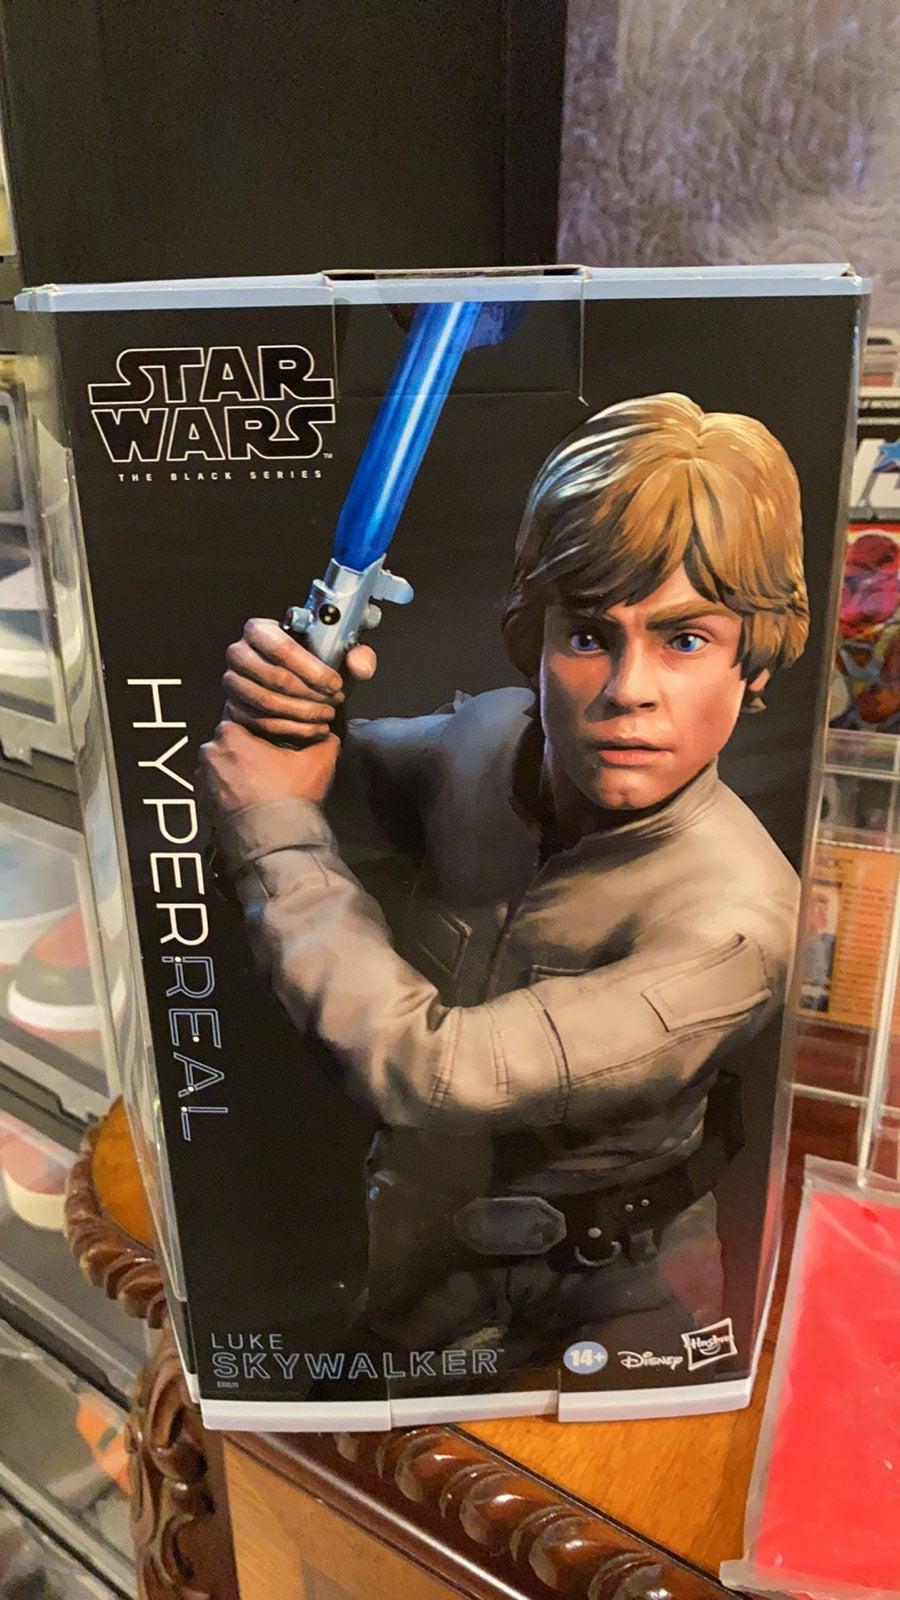 Luke skywalker hyper real